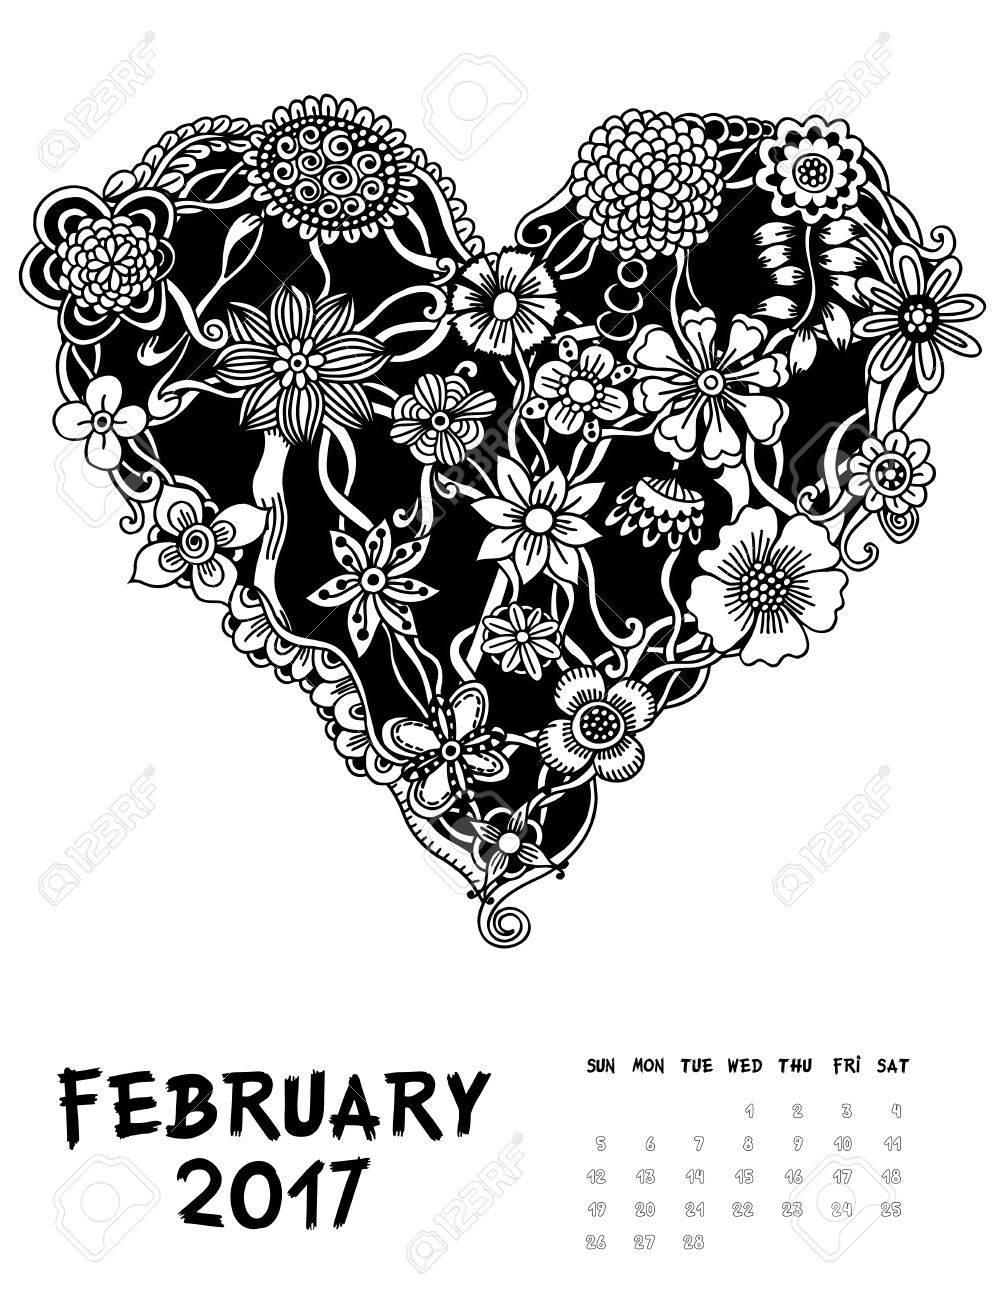 2017 年 2 月月のライン アート カレンダー ページ花の心の中黒と